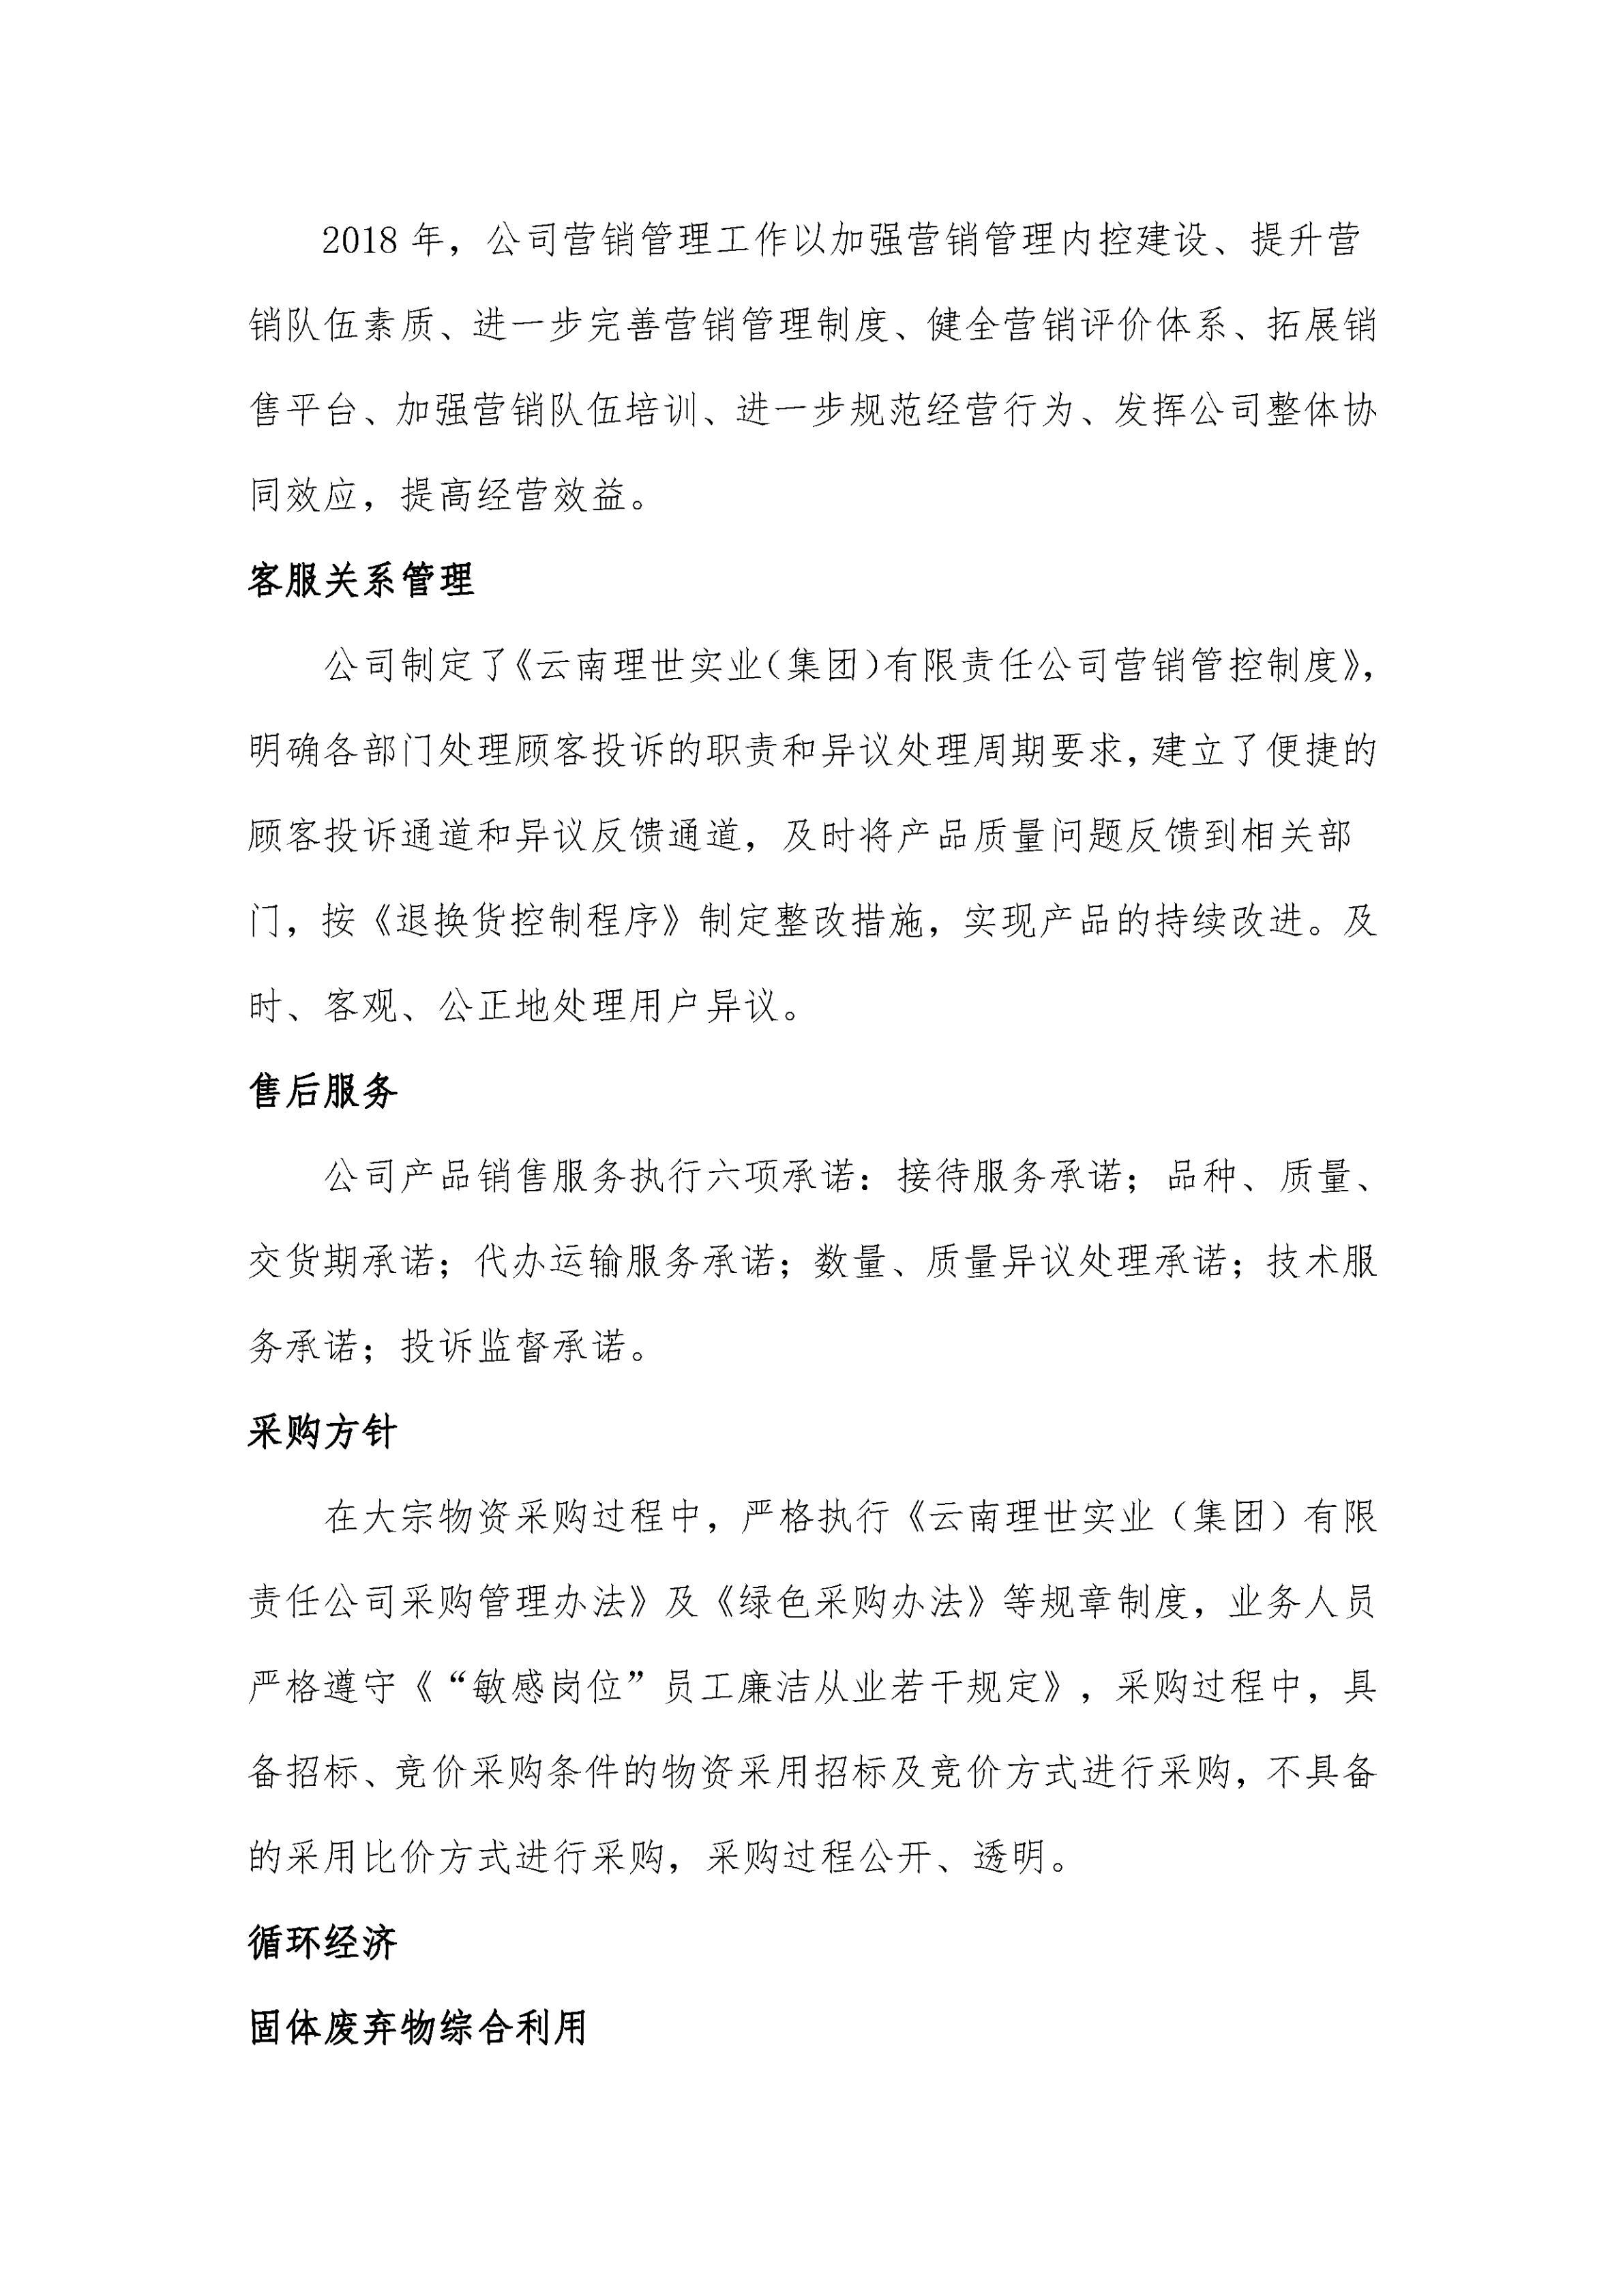 云南理世實業(集團)有限責任公司2018年社會責任報告.FR11_10.jpg